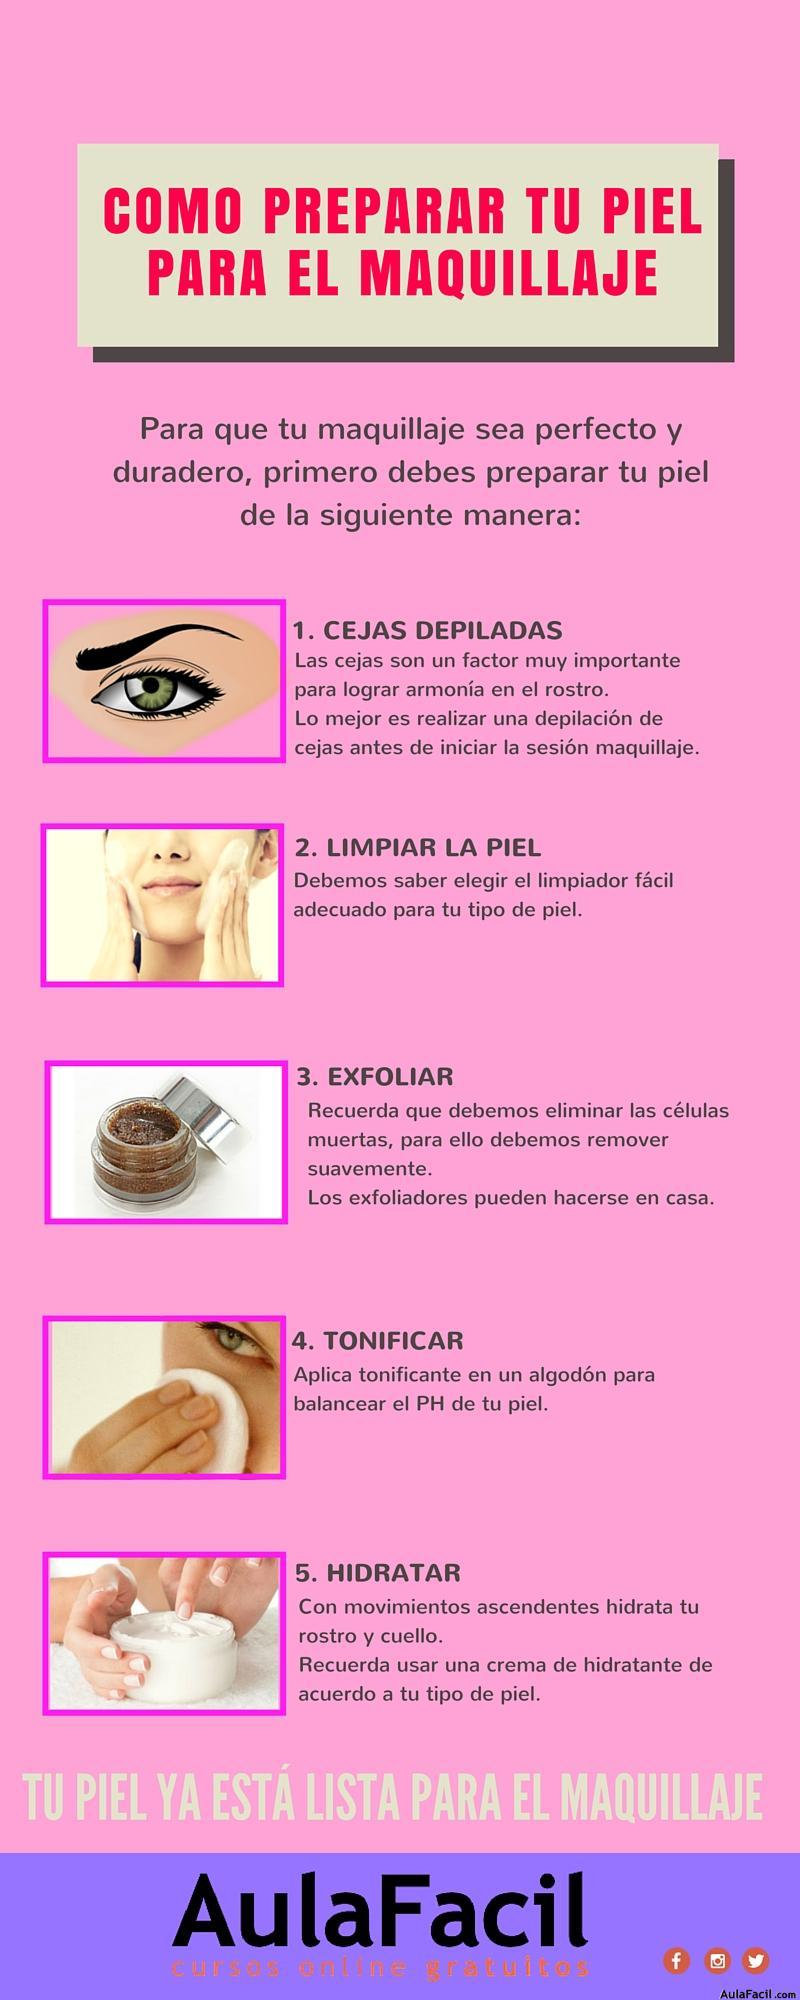 como preparar tu piel para el maquillaje